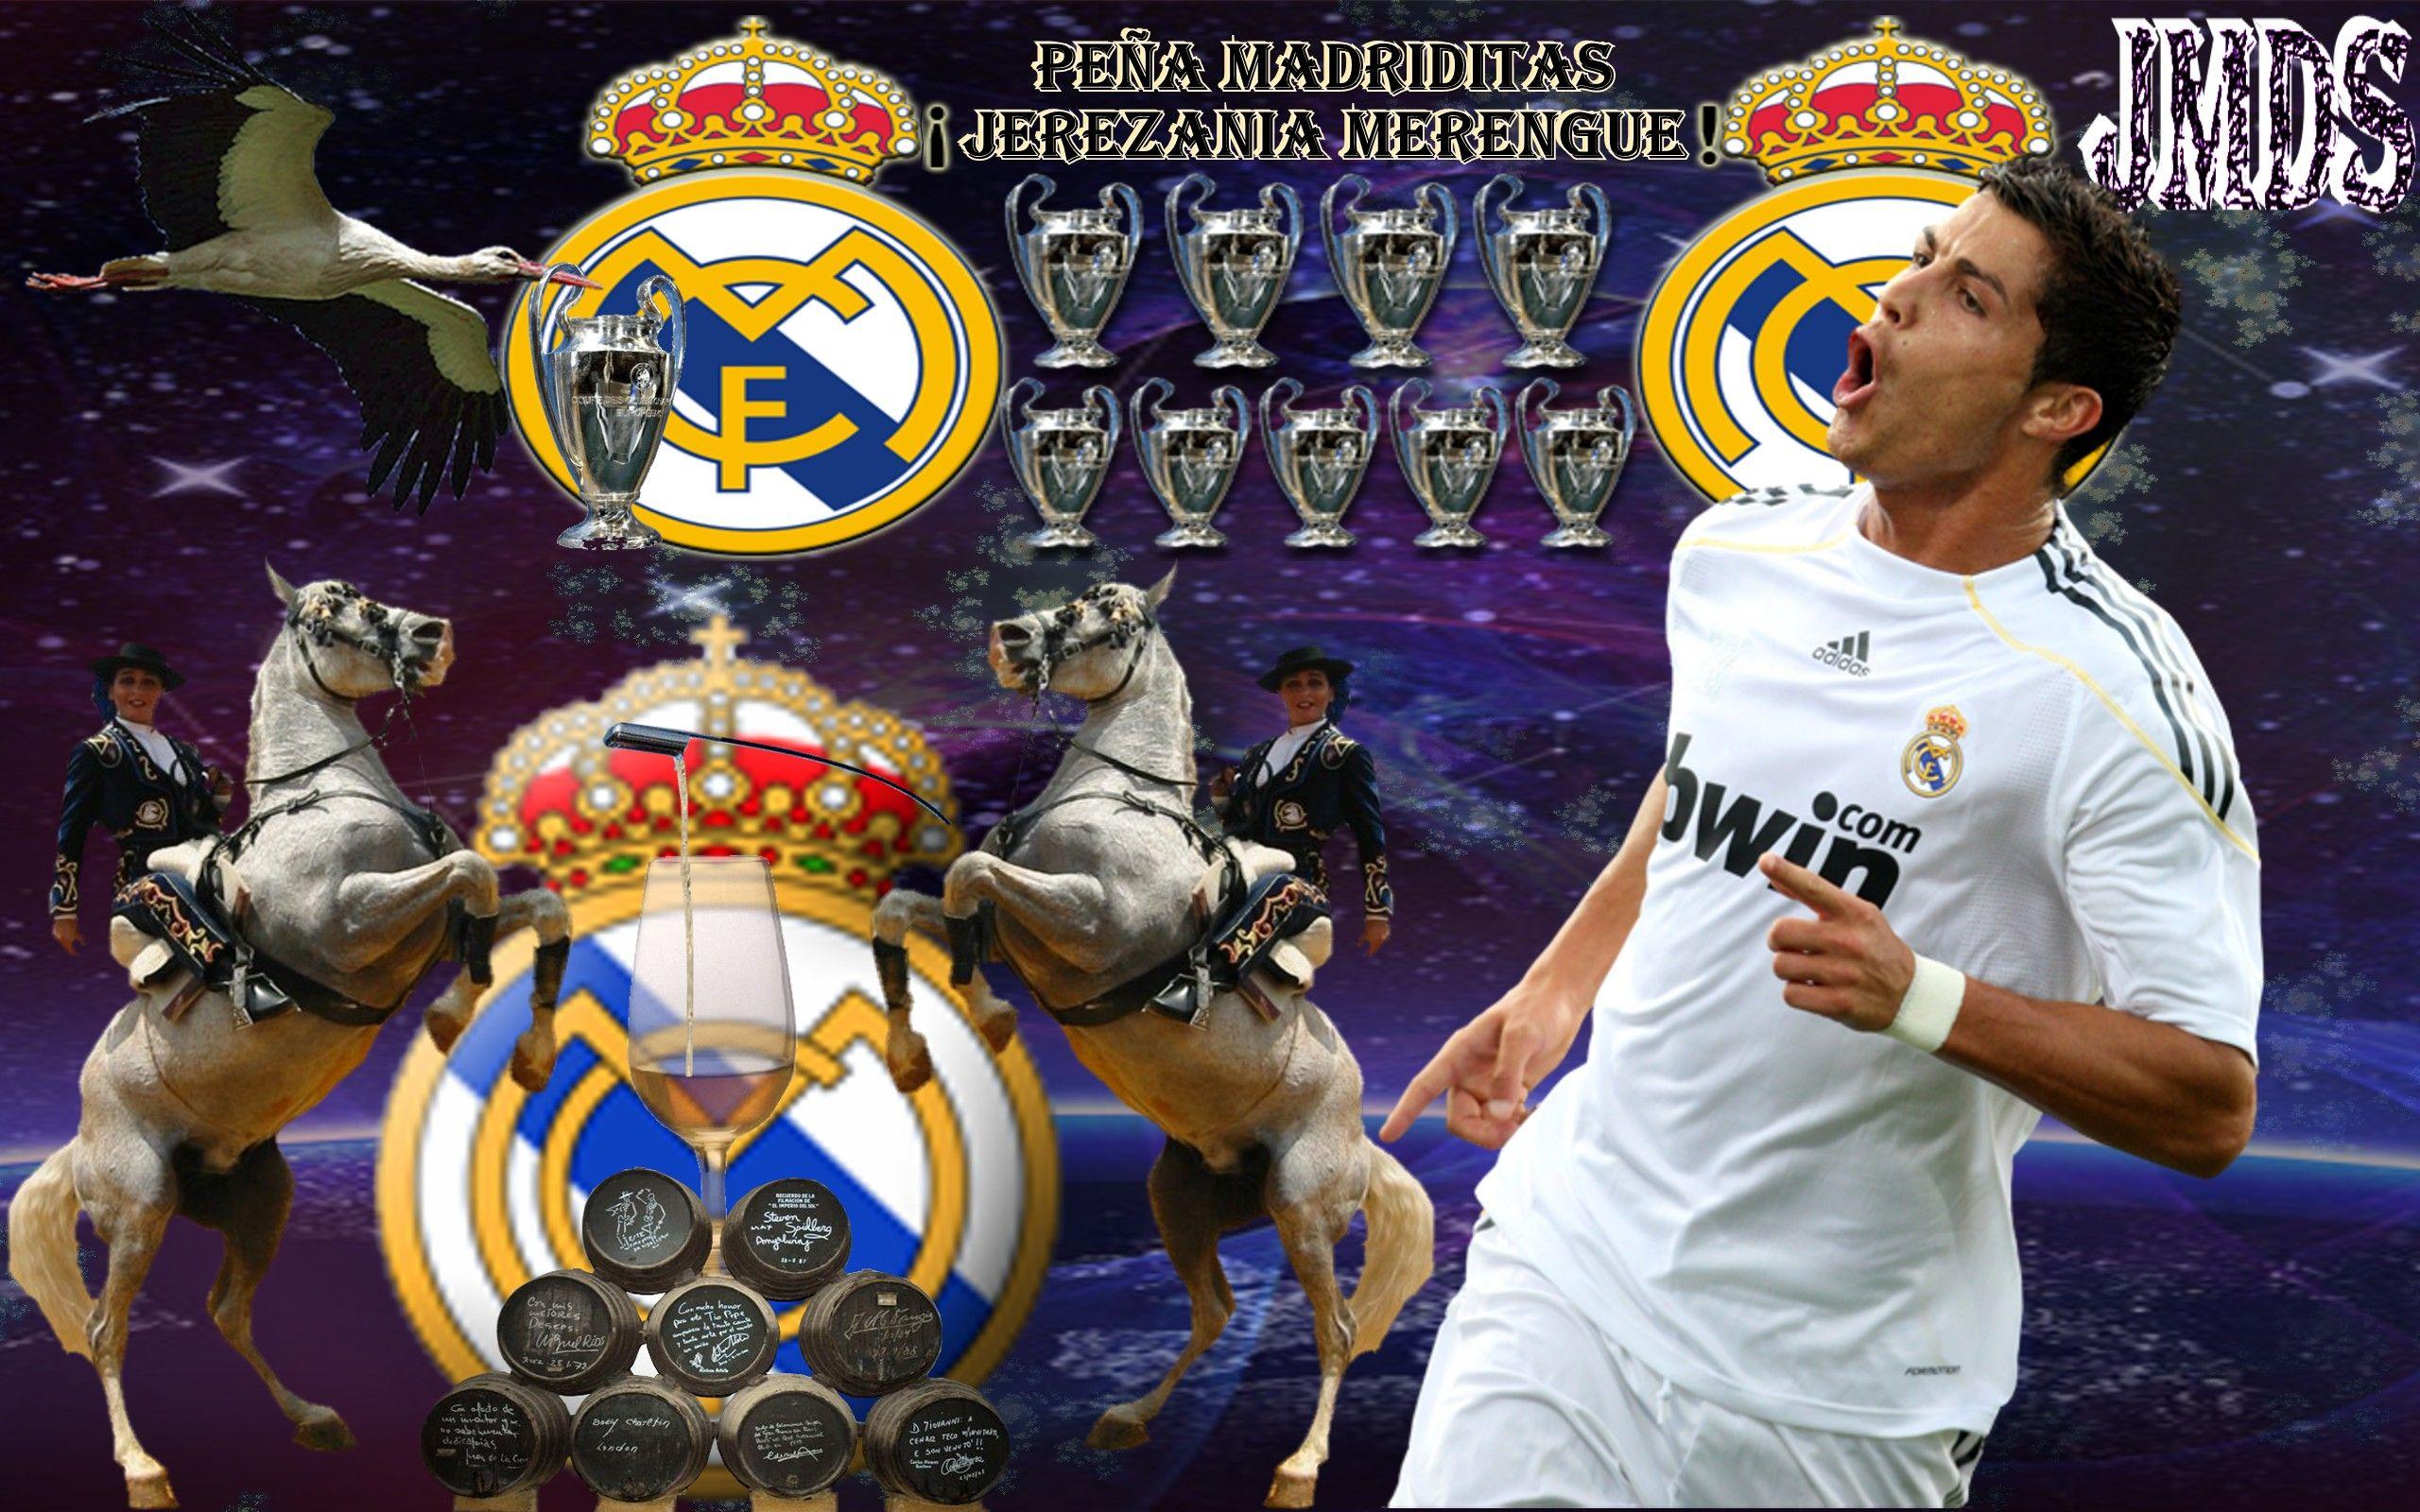 Real Madrid La Decima Pictures | El Real Madrid Ganara La Decima - Taringa!